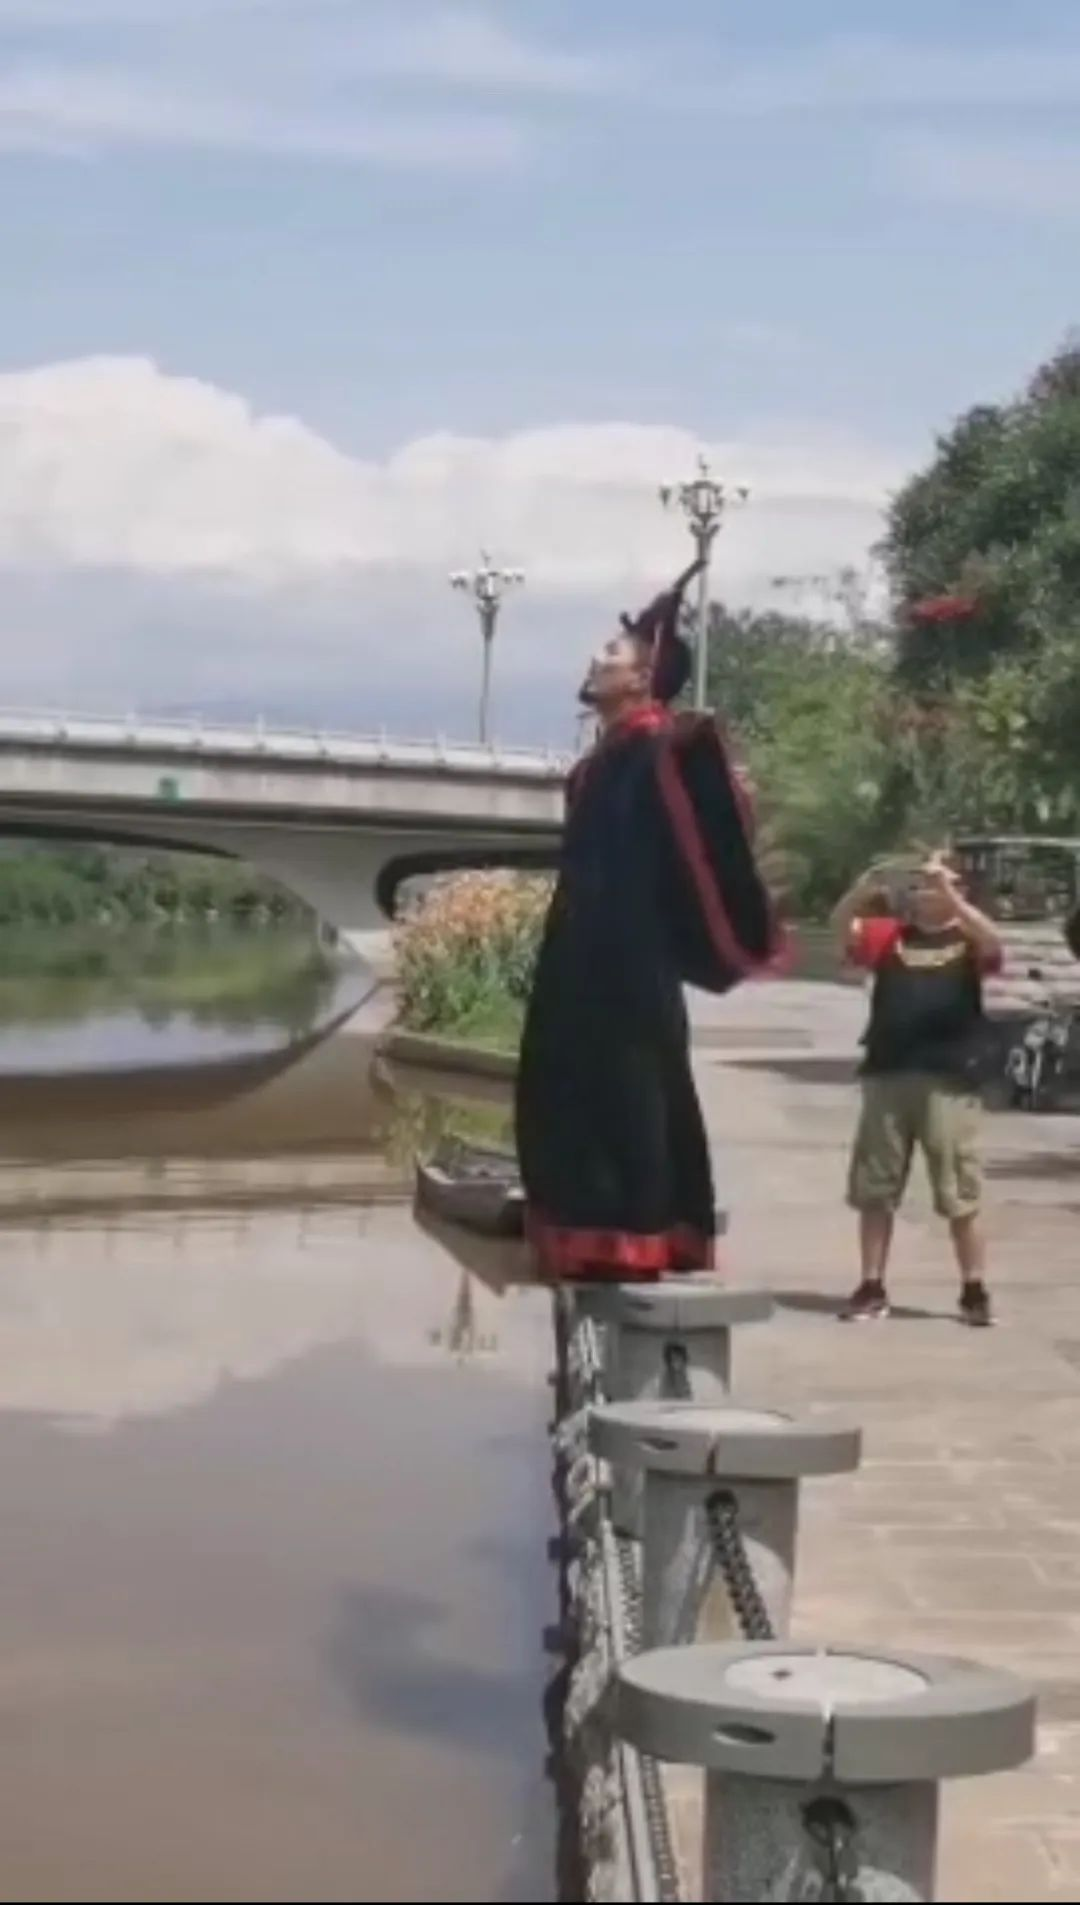 ▲6月23日,猴哥在海河边模仿屈原跳江。视频截图